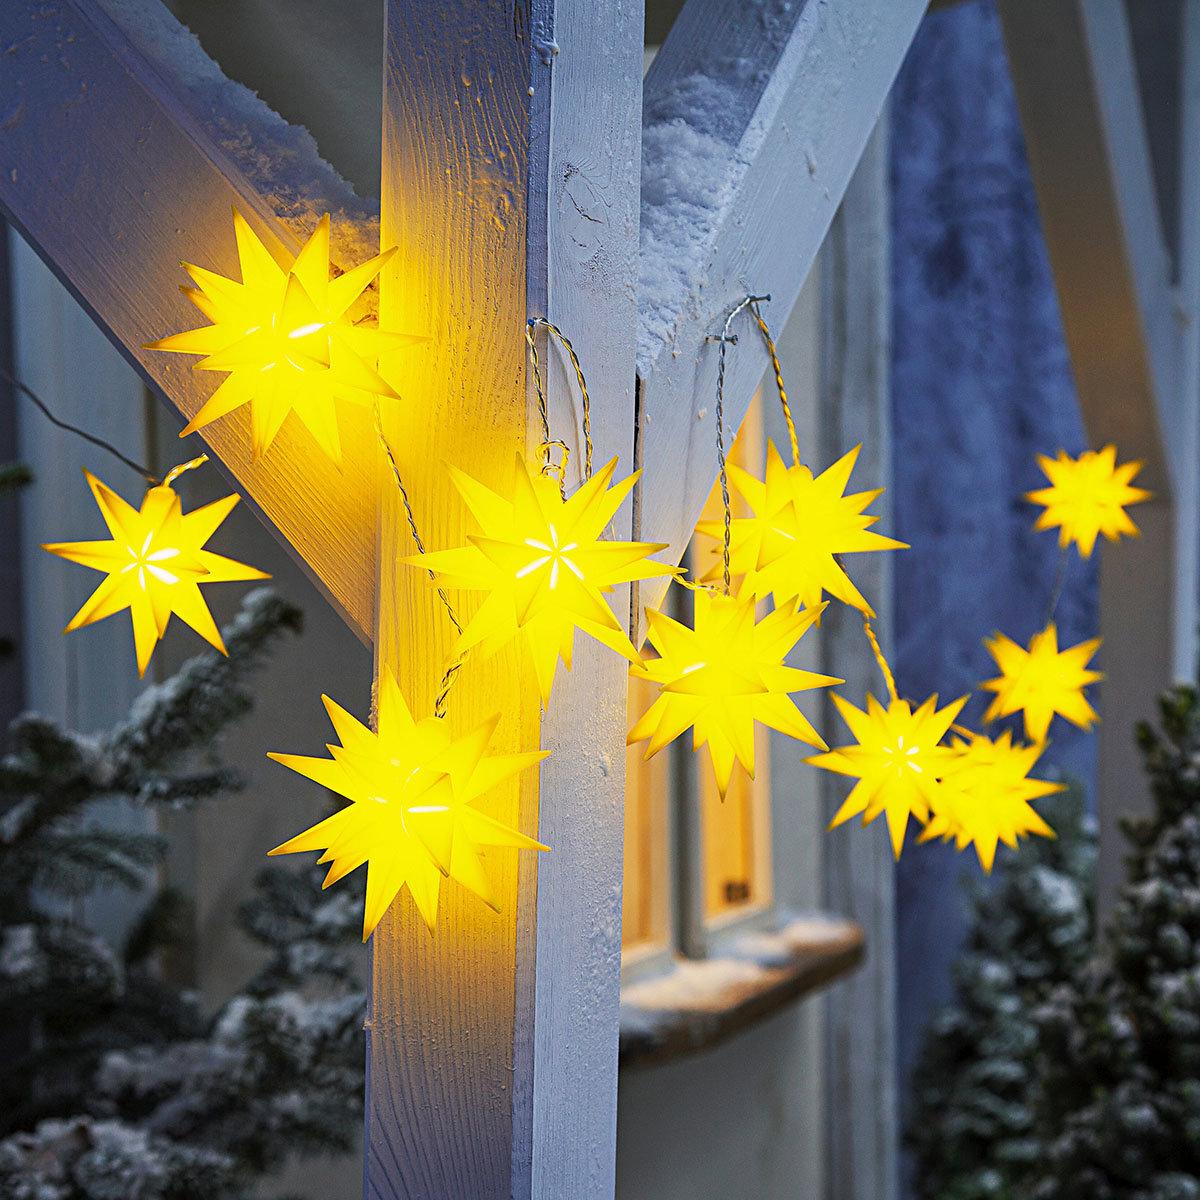 LED-Lichterkette Weihnachtstern, gelb   #2